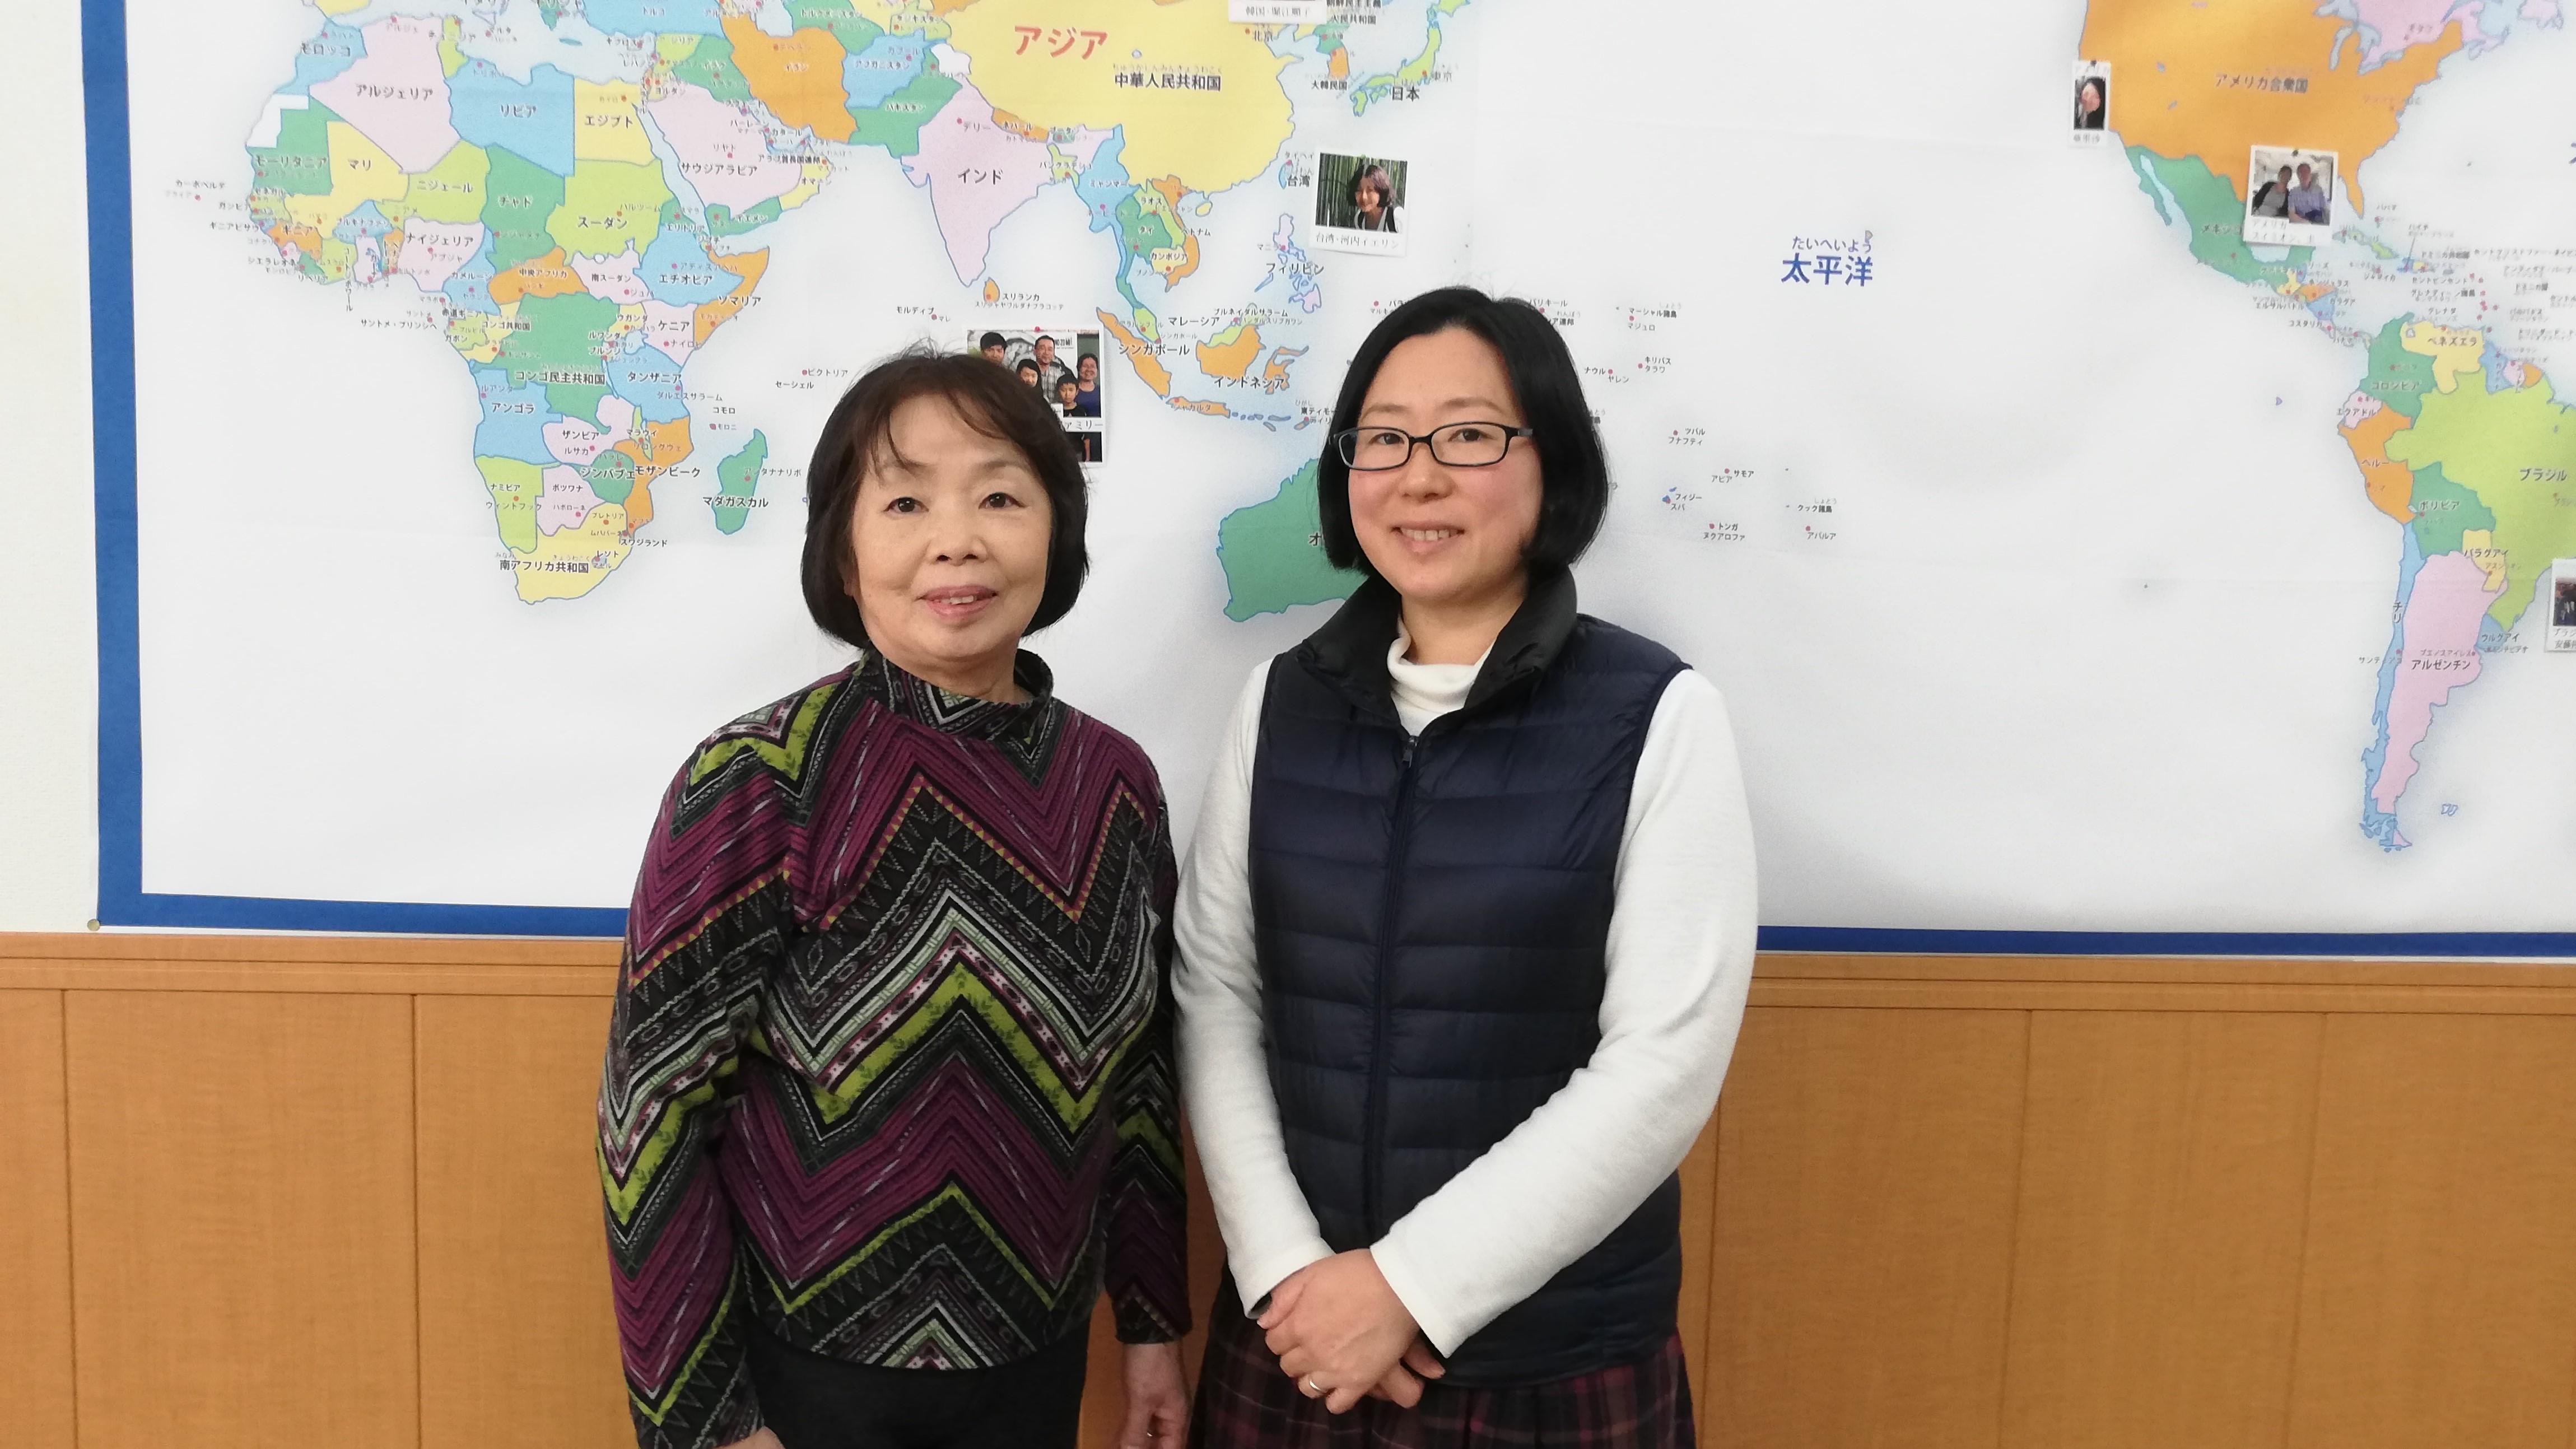 話しをして頂いた理事長の多田美鈴先生(左)と多田洋美先生(右)。この辺りは多田姓が多いそうです。